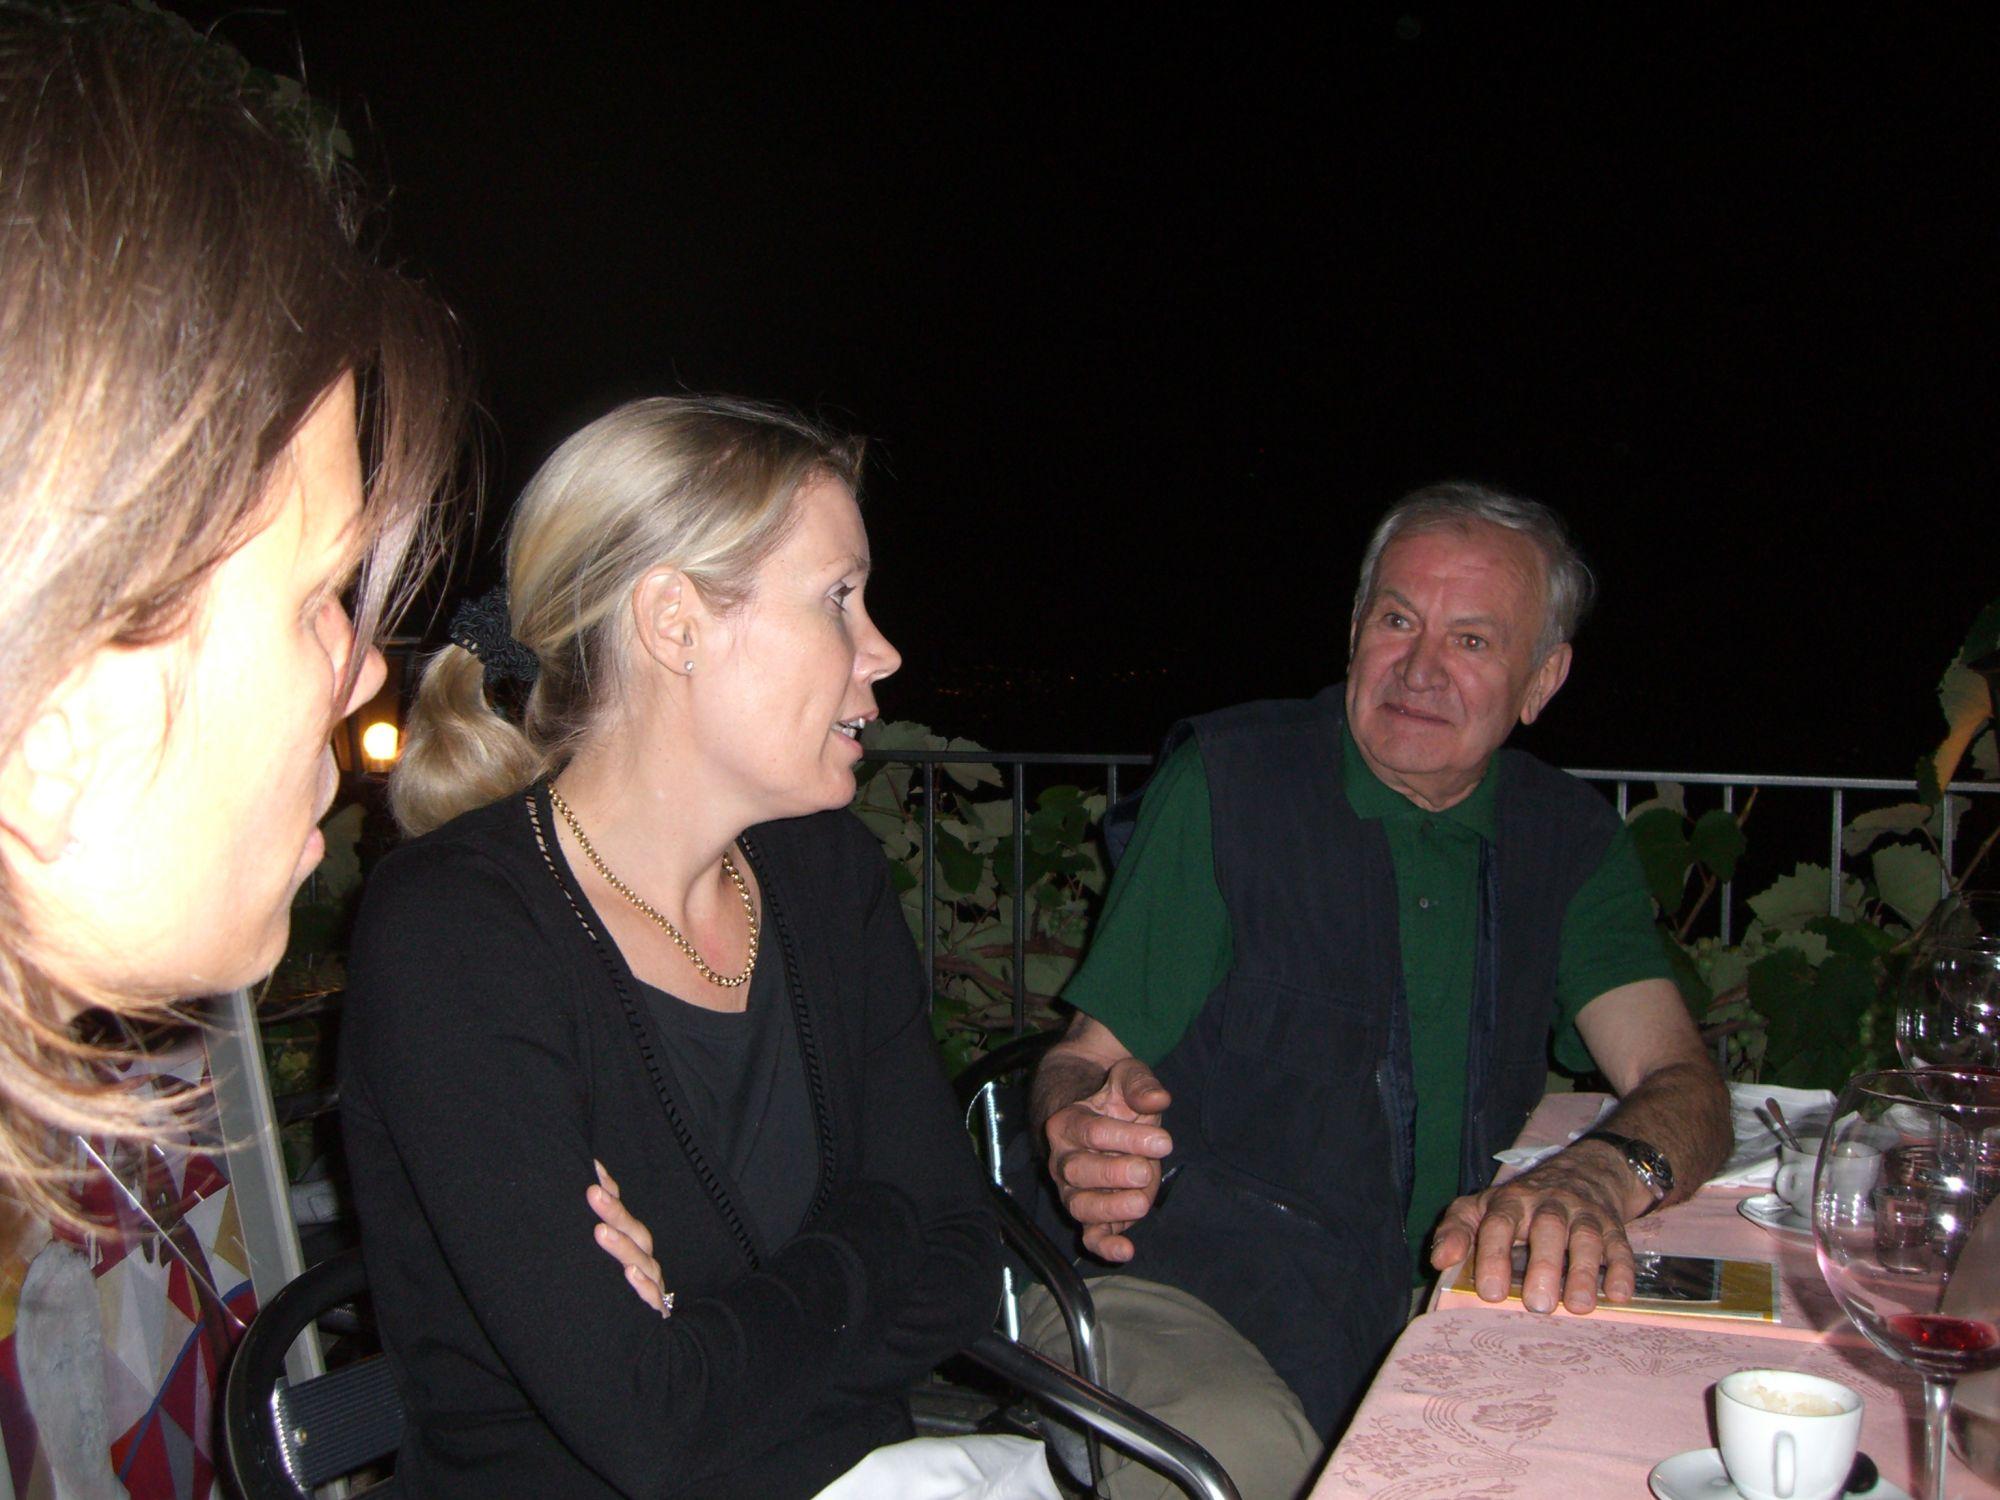 12.07.2007 - Osteria del Portico a Vernate con Marjan Carazzetti